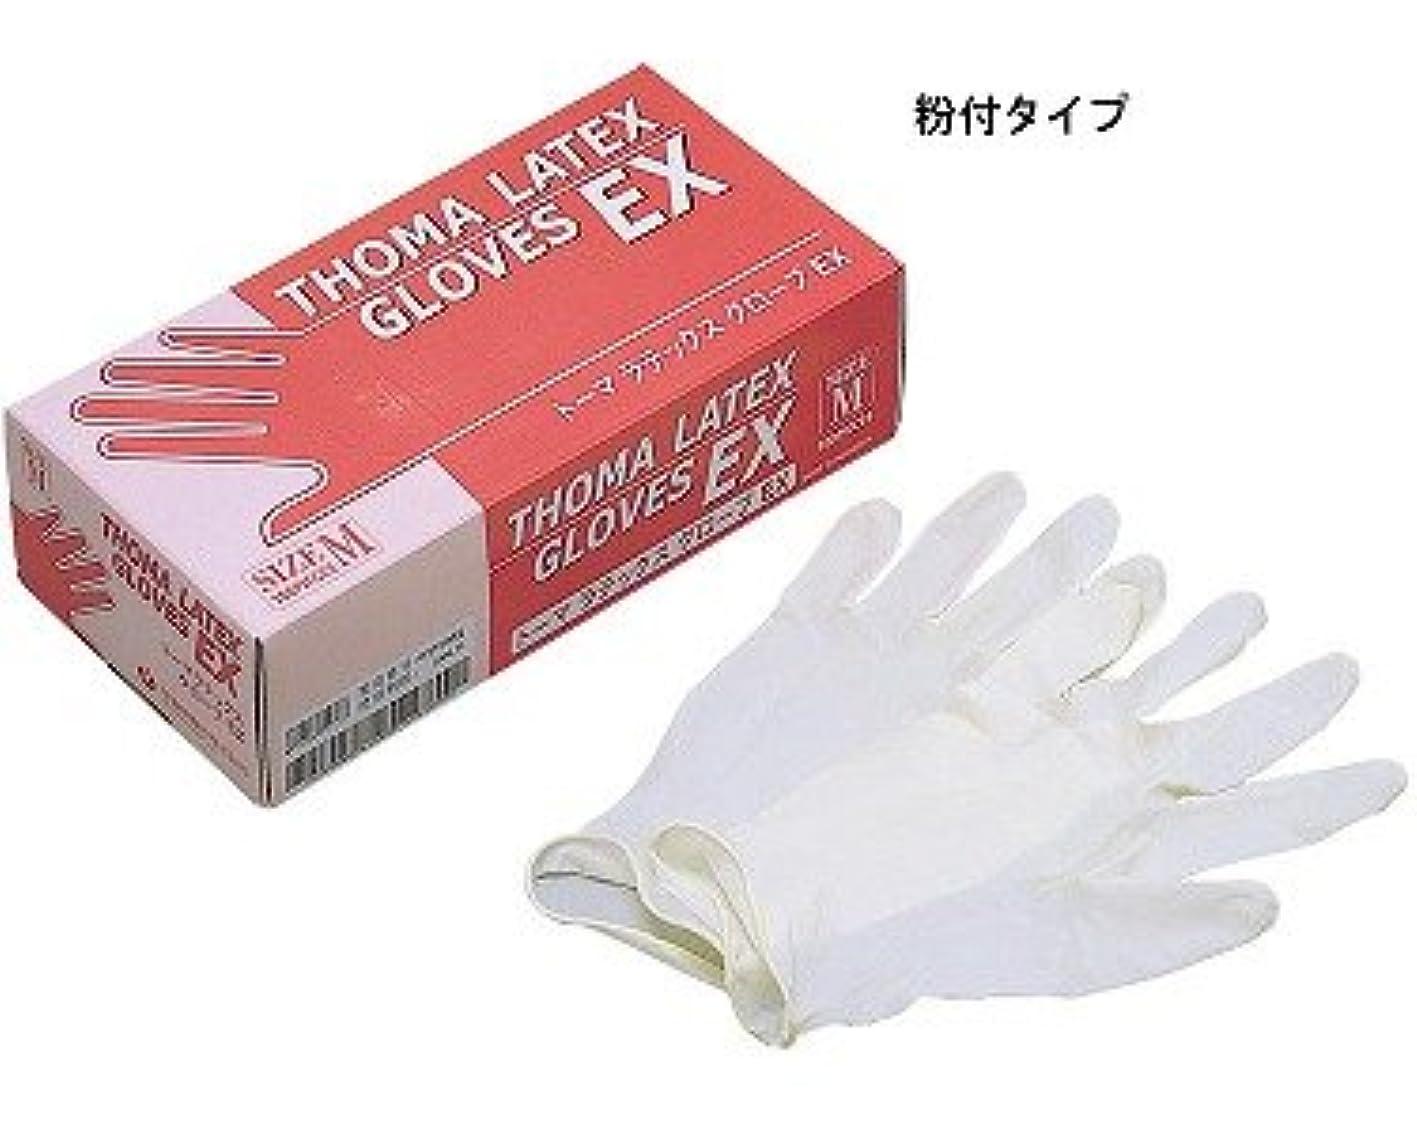 ベックス時折移植トーマラテックスグローブEX 100枚入/SS????